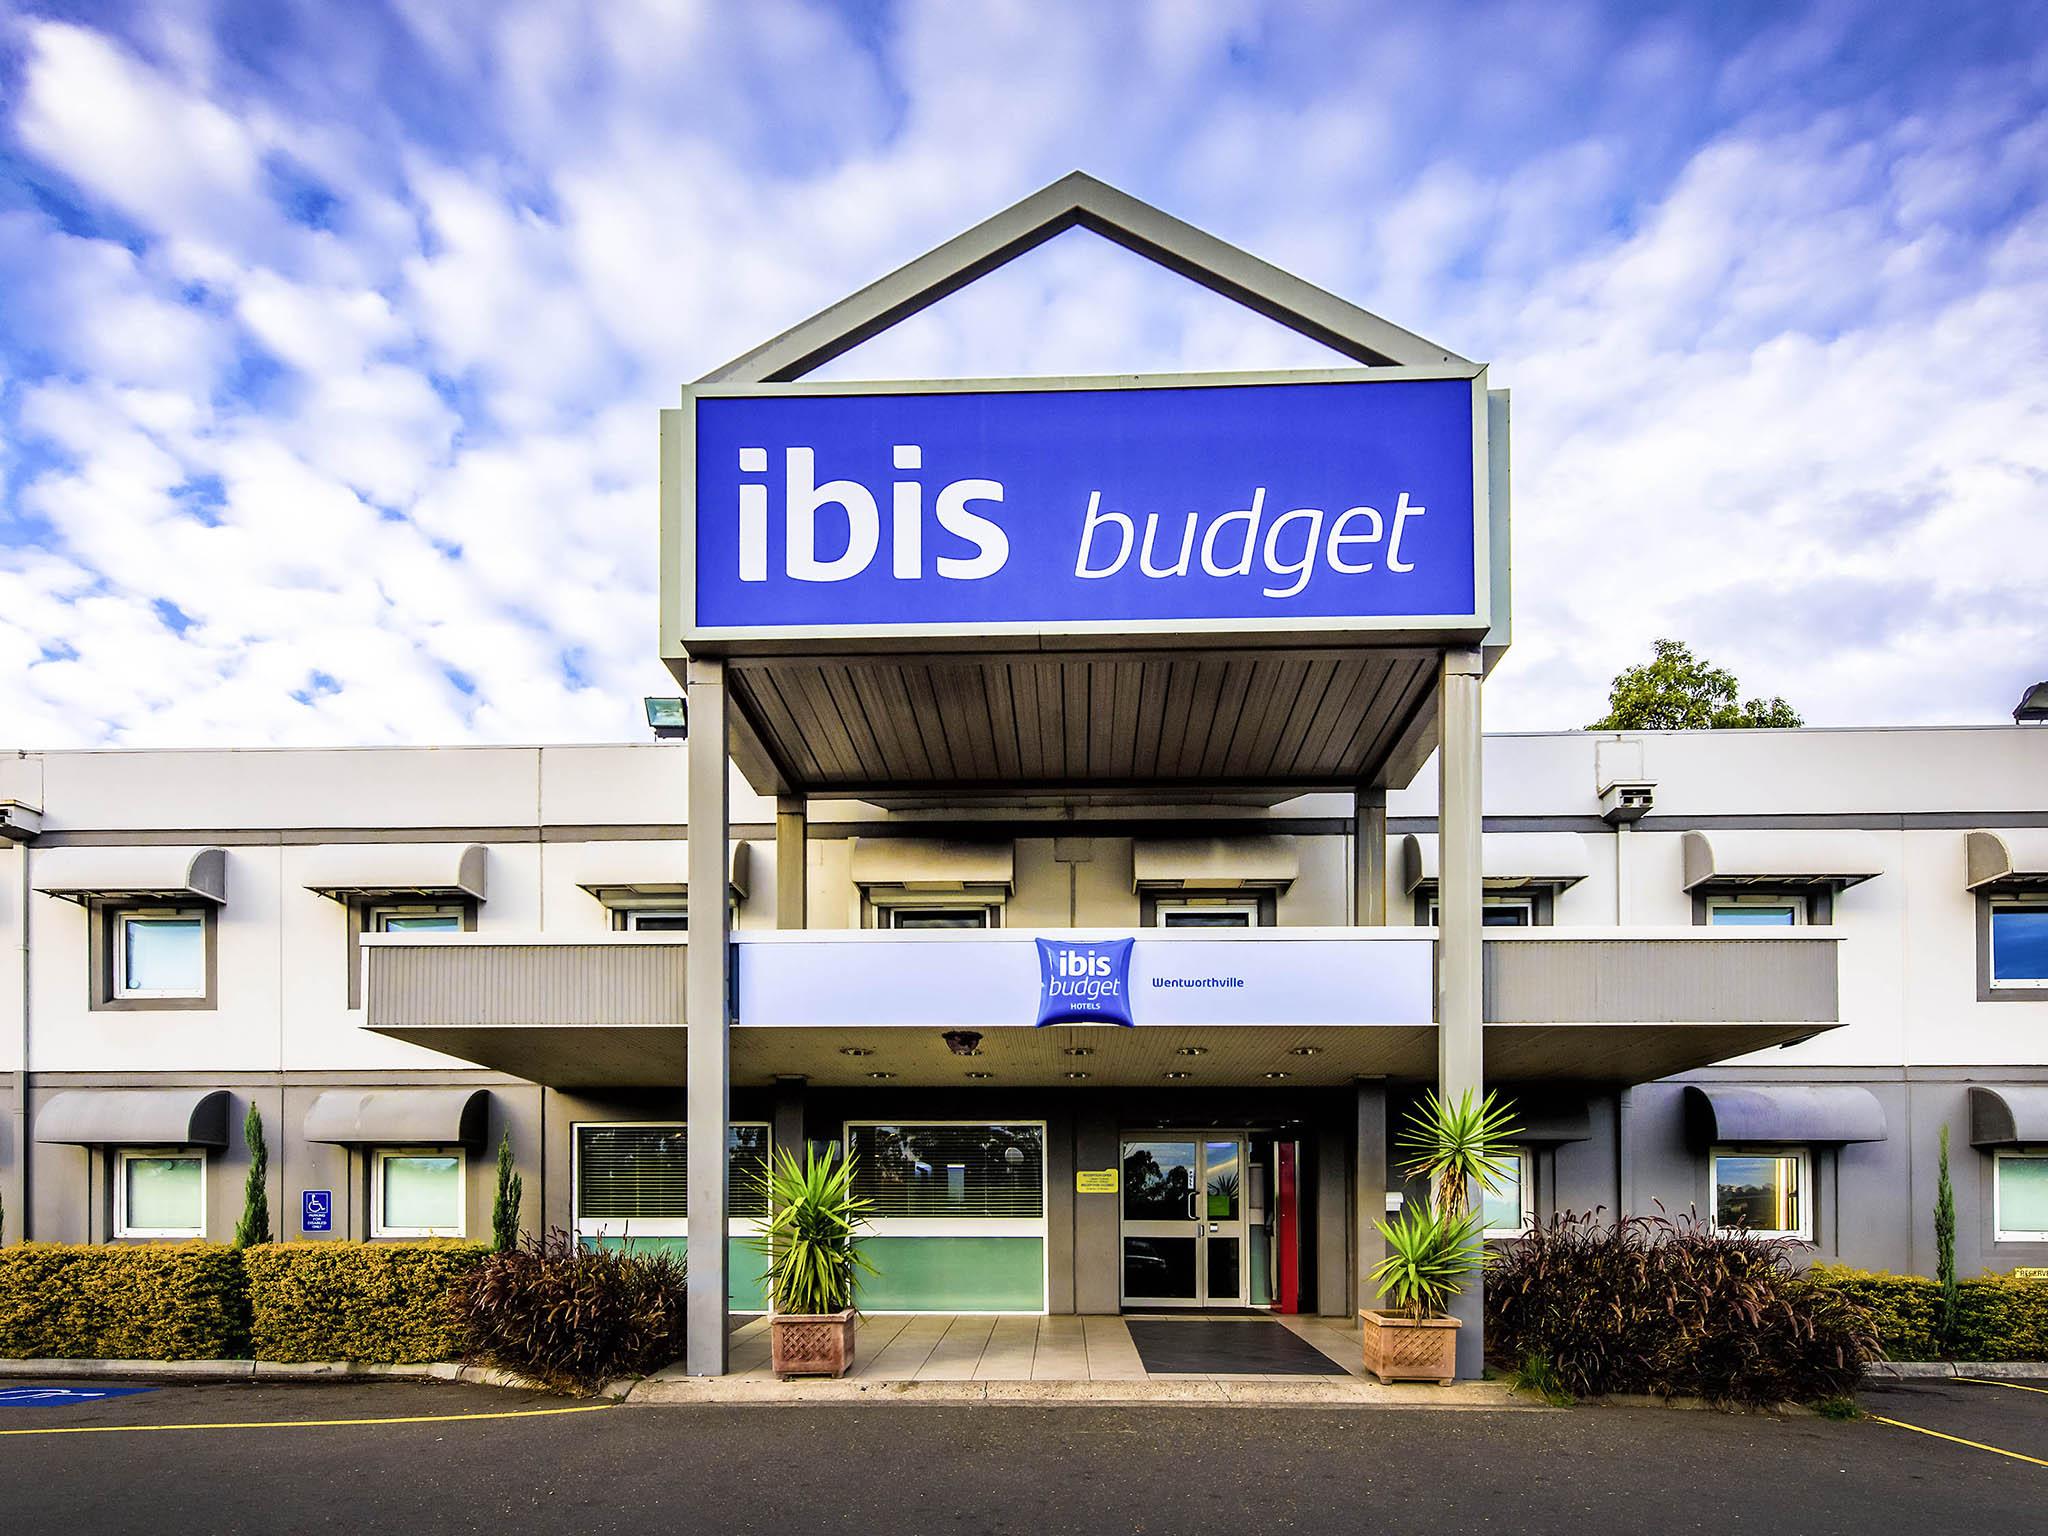 Hotel – ibis budget Wentworthville